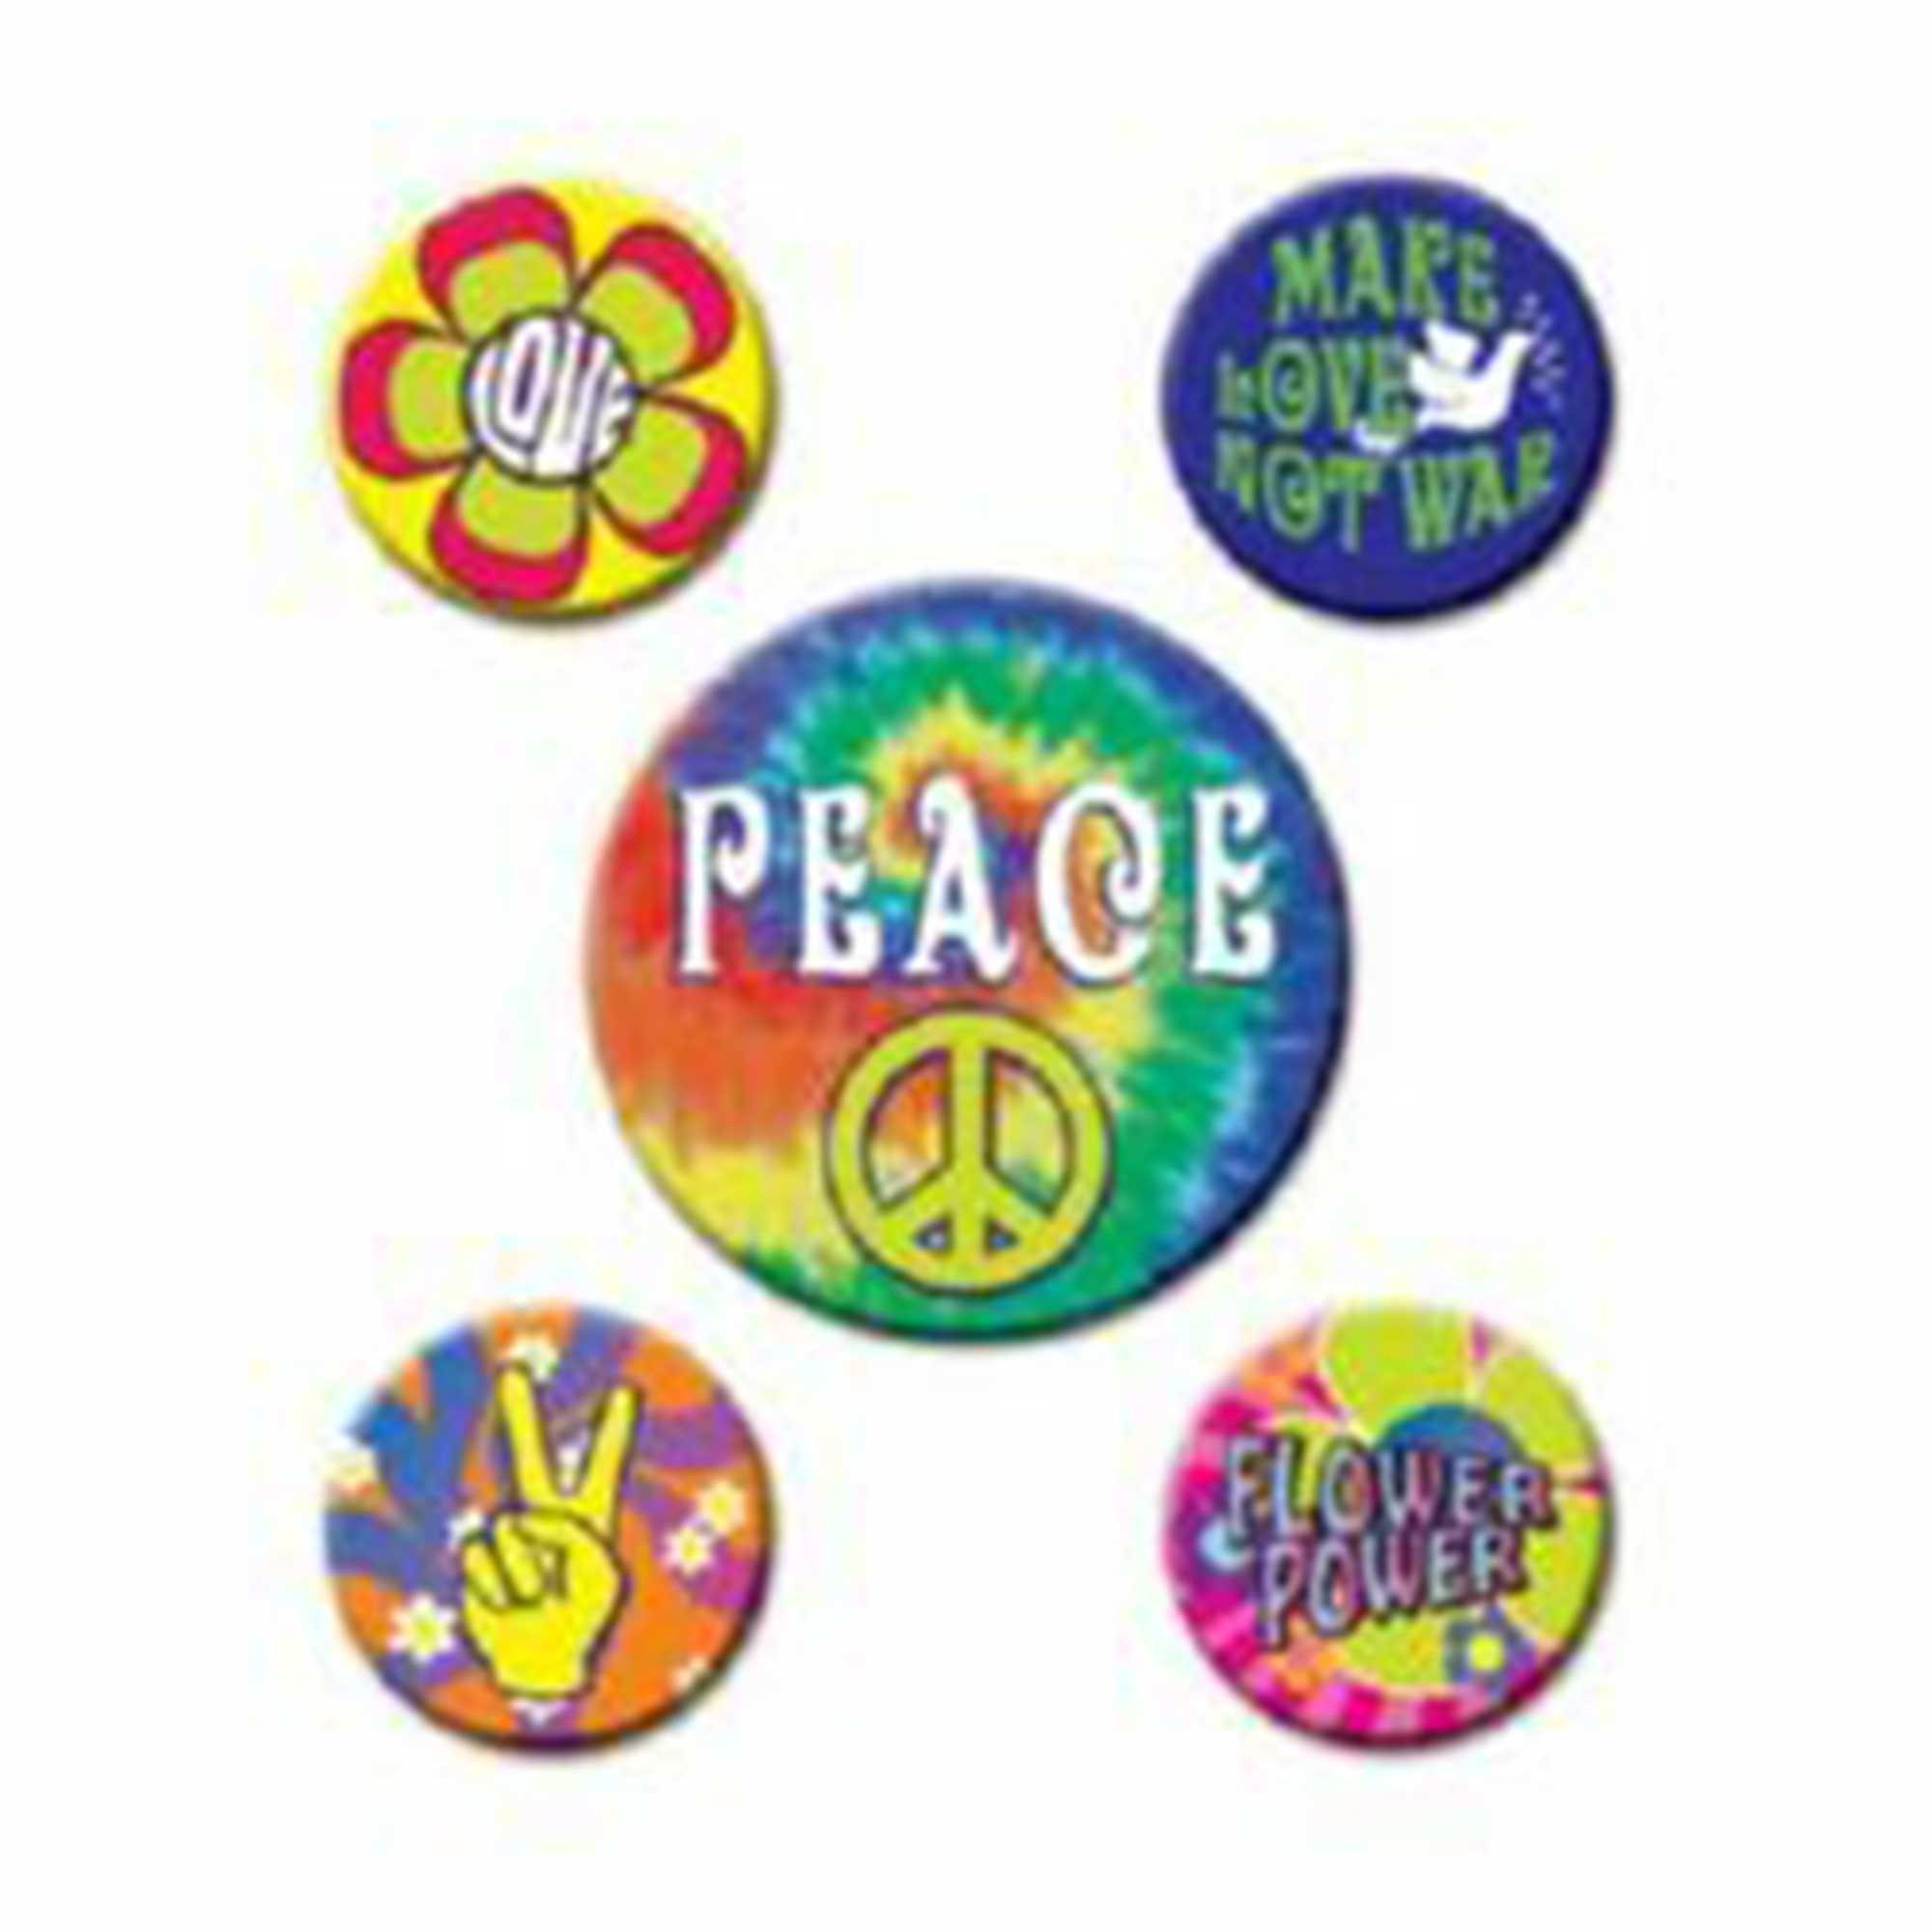 60's Party Peace Button Badges